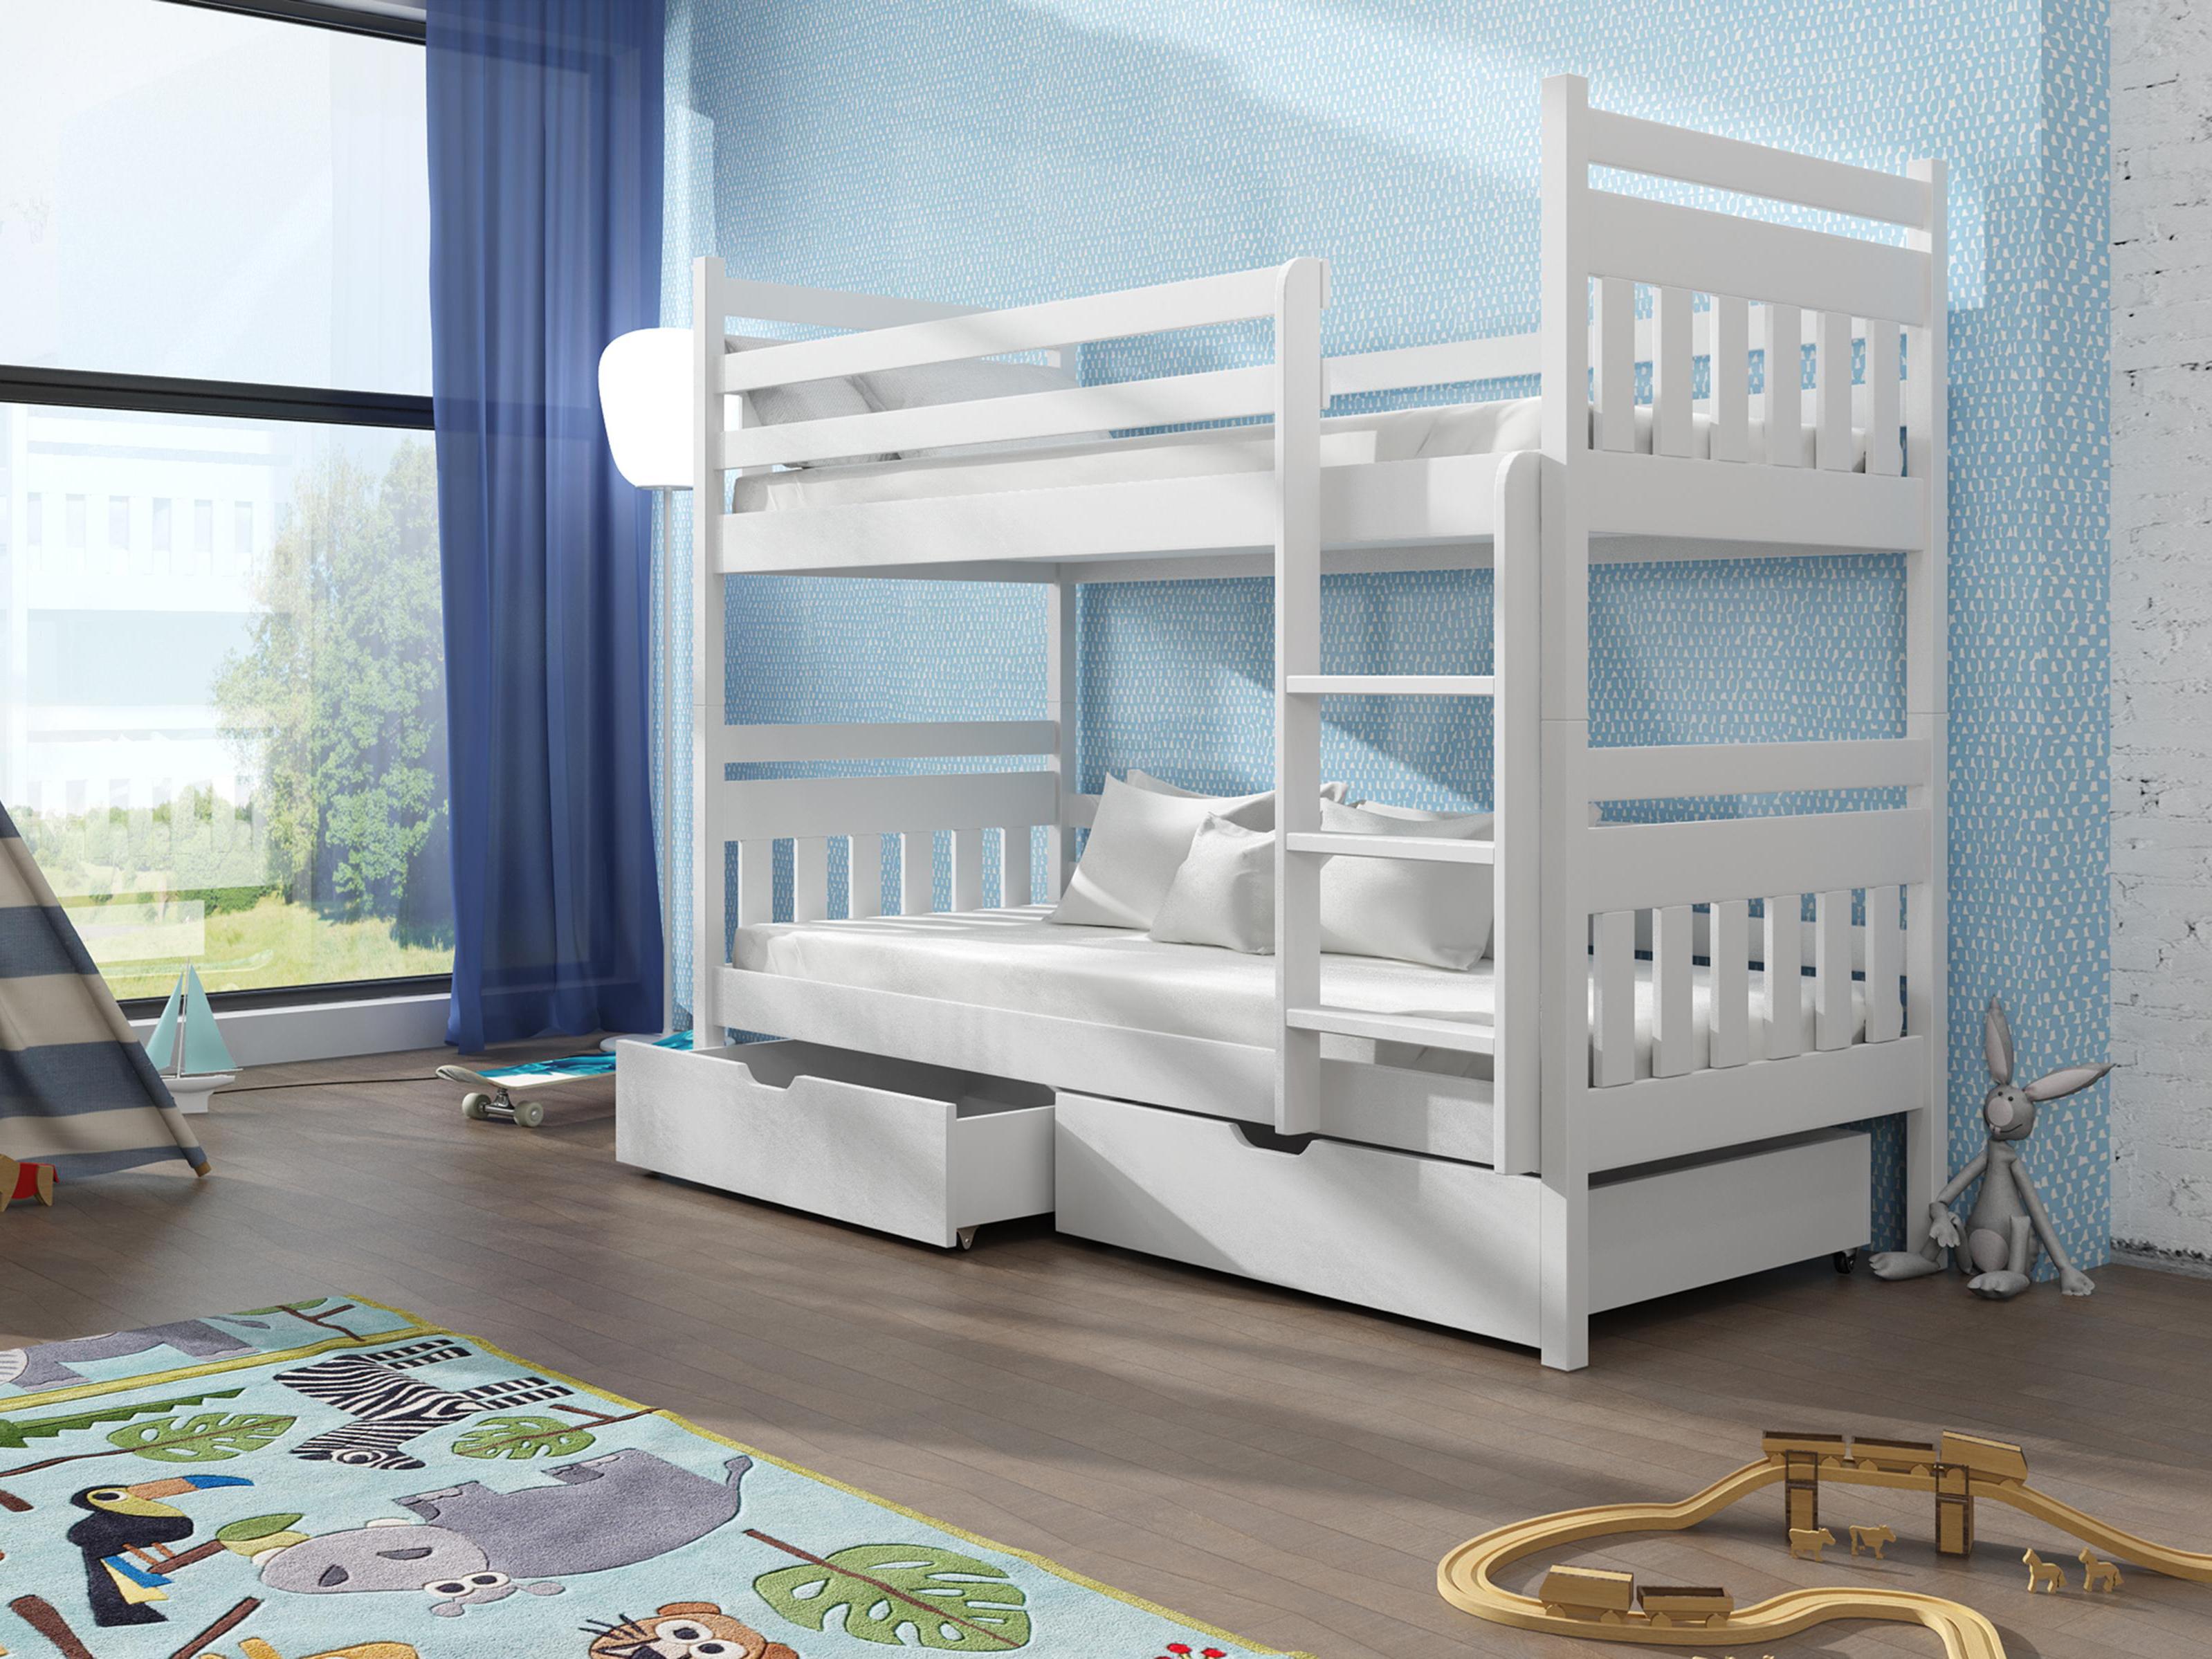 Dětská patrová postel 90 cm - Aras (bílá)